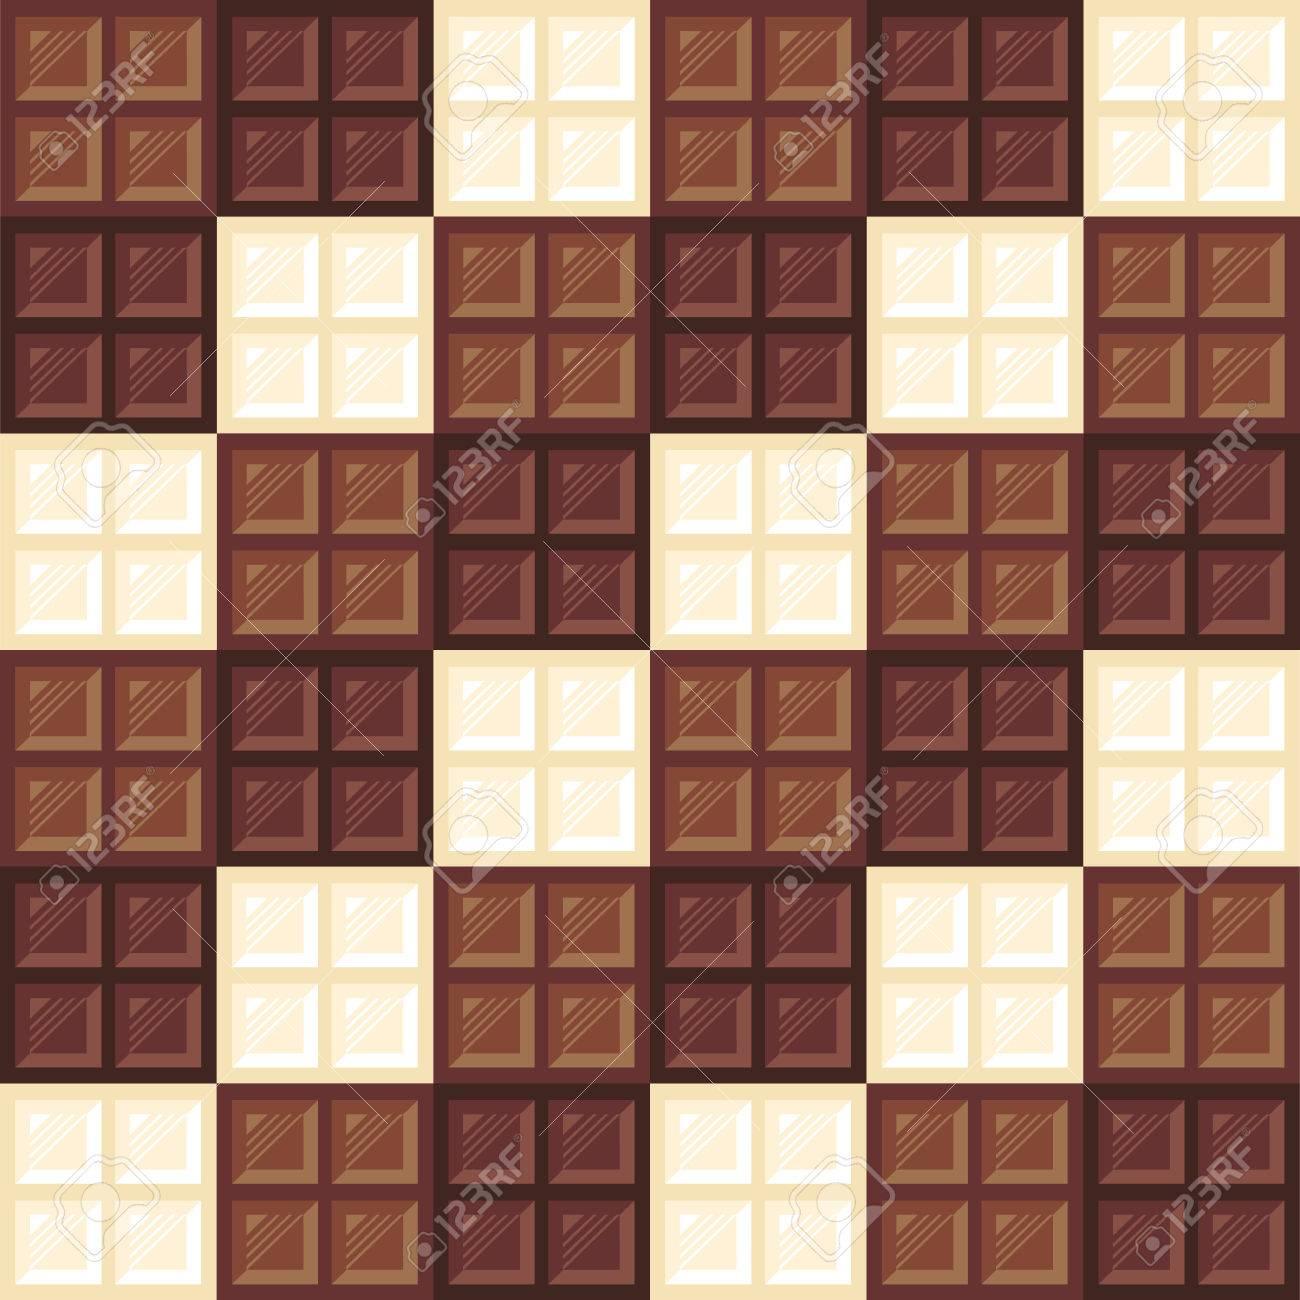 チョコレート バーのシームレスなパターン 異なったタイプのダーク